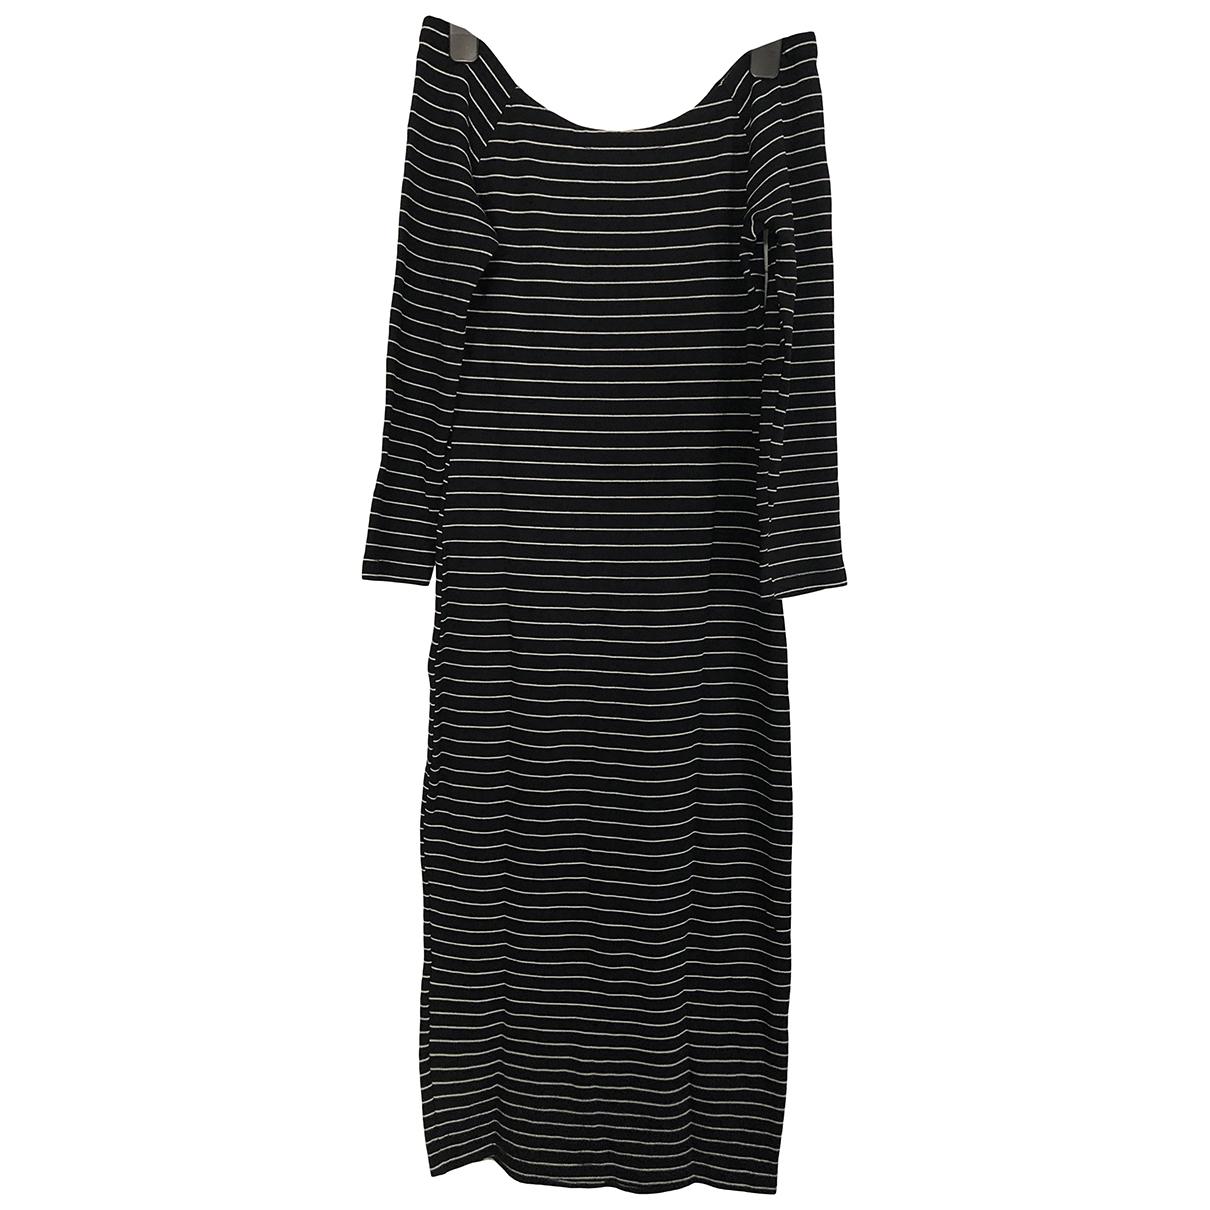 Zara - Robe   pour femme en coton - elasthane - marine